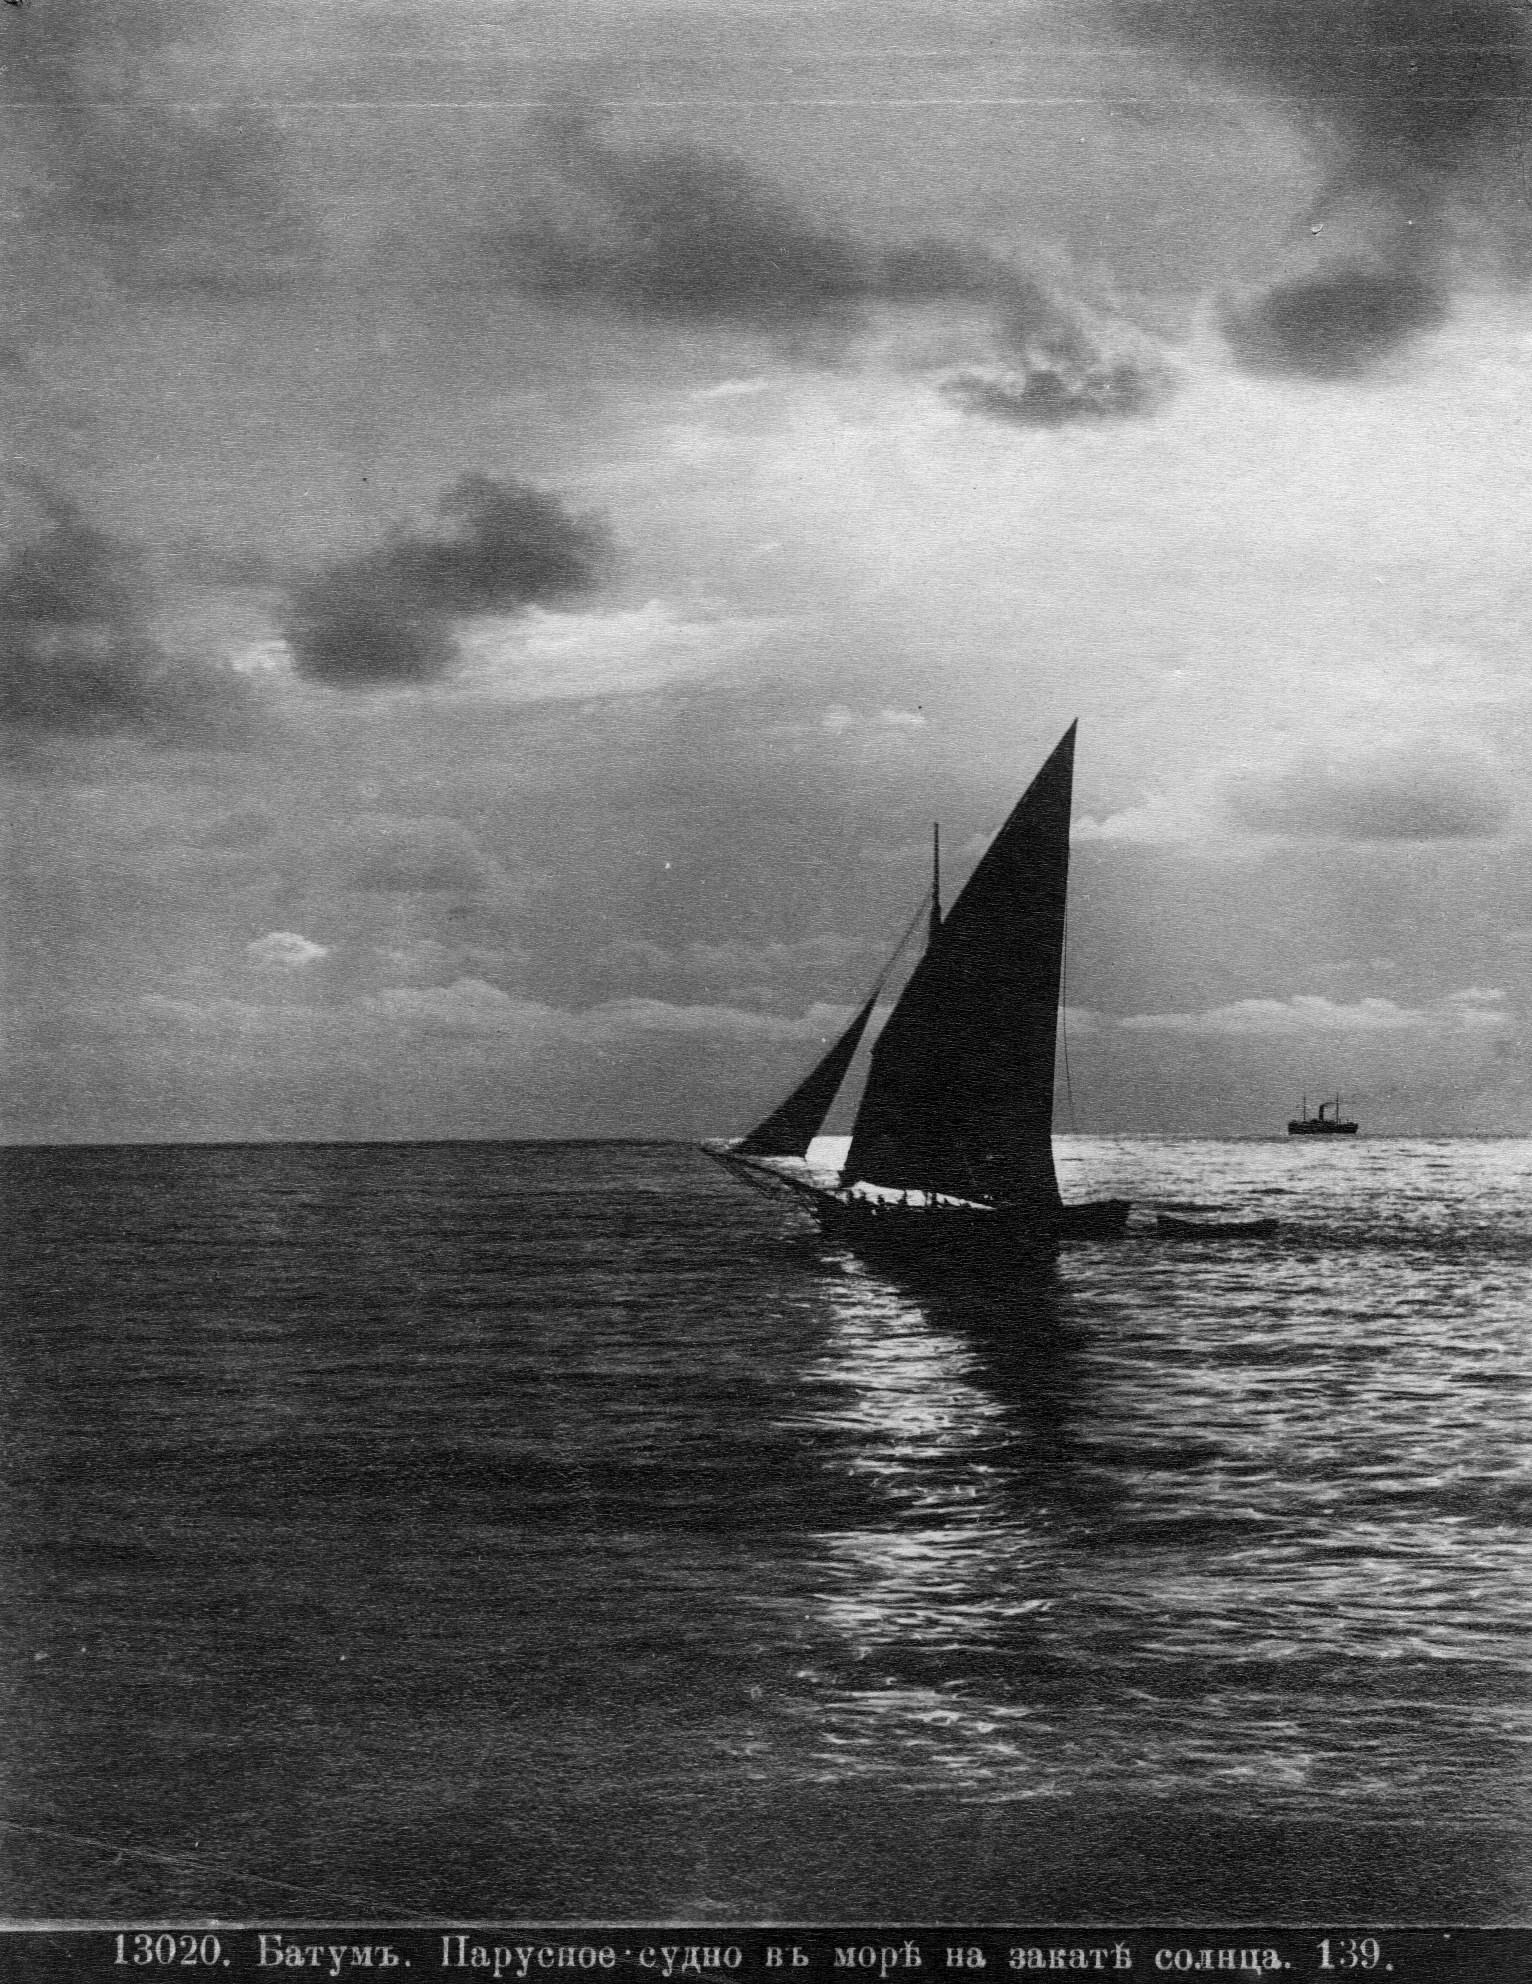 Парусное судно на море на закате солнца